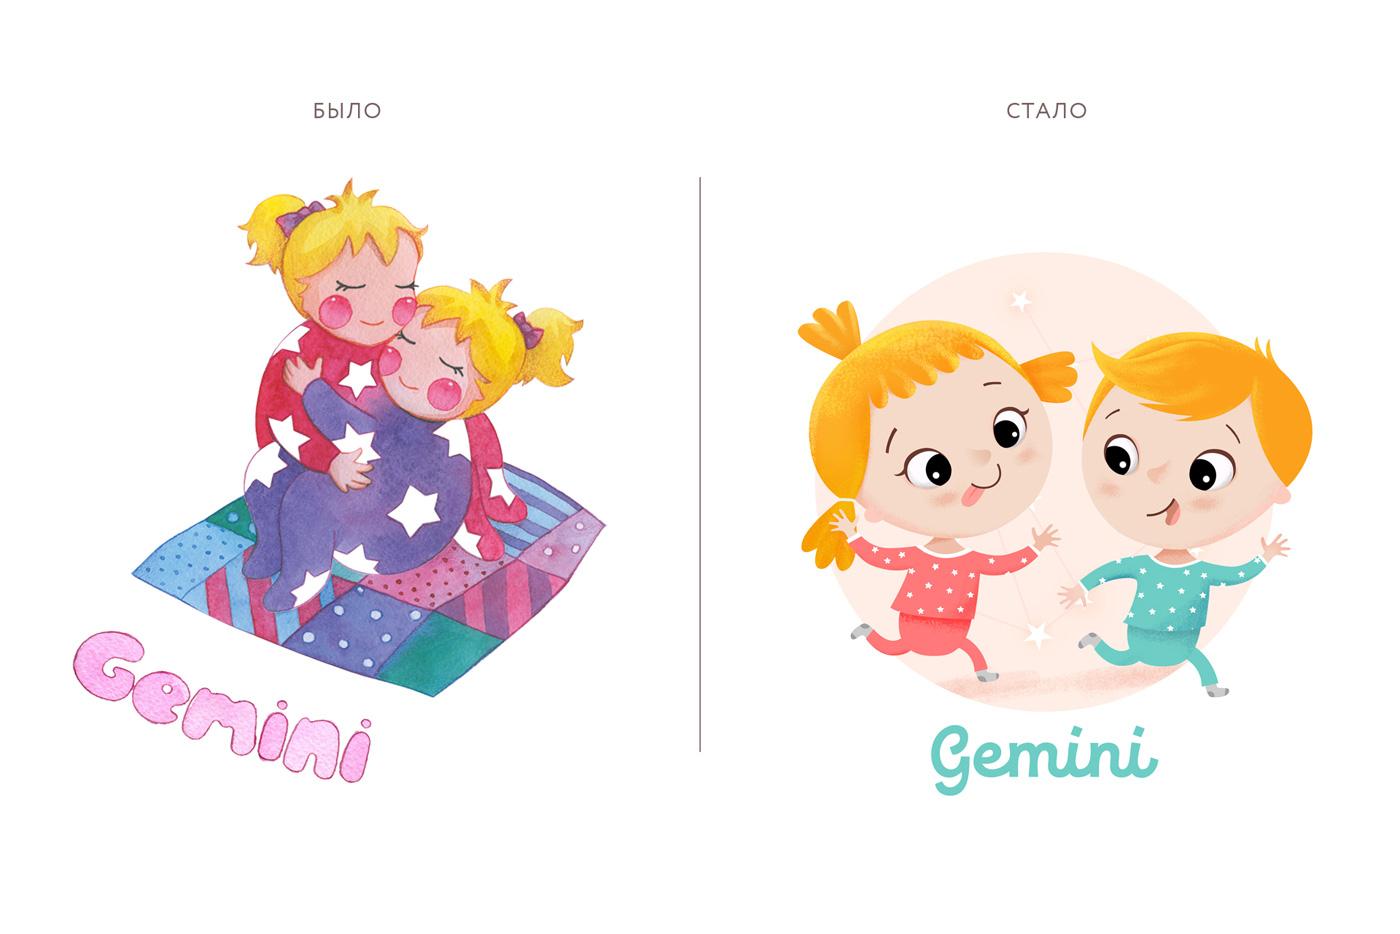 Рестайлинг бренда и создание новых логоперсонажей «Созвездие снов»: до и после